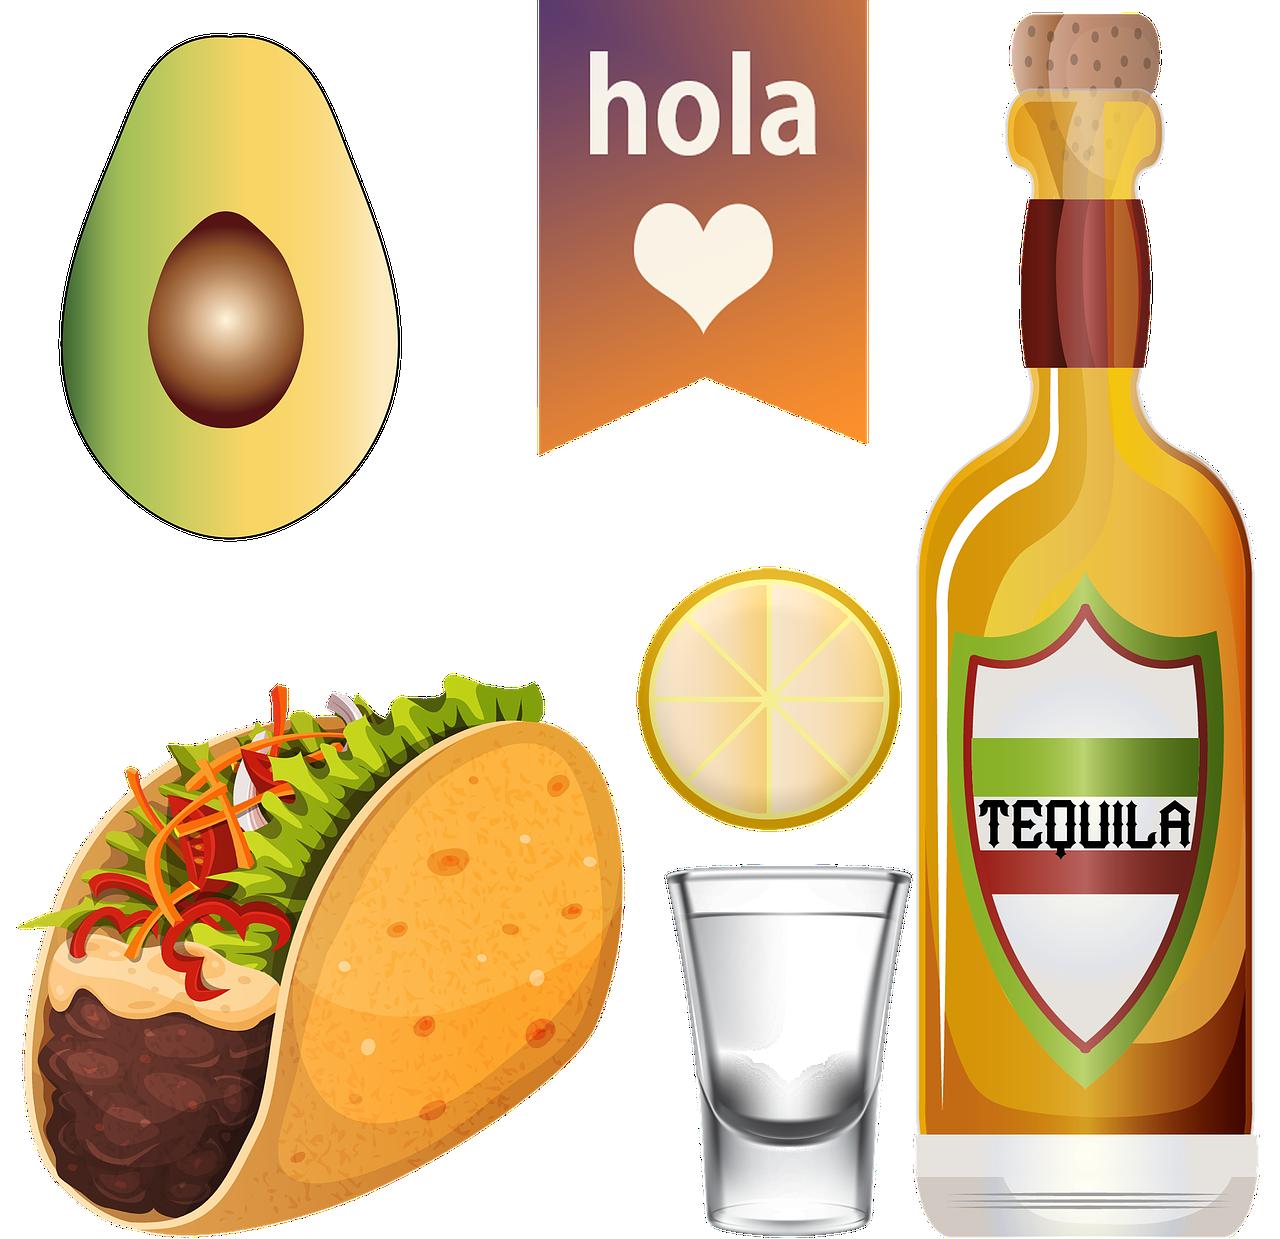 Come gustare al meglio la Tequila